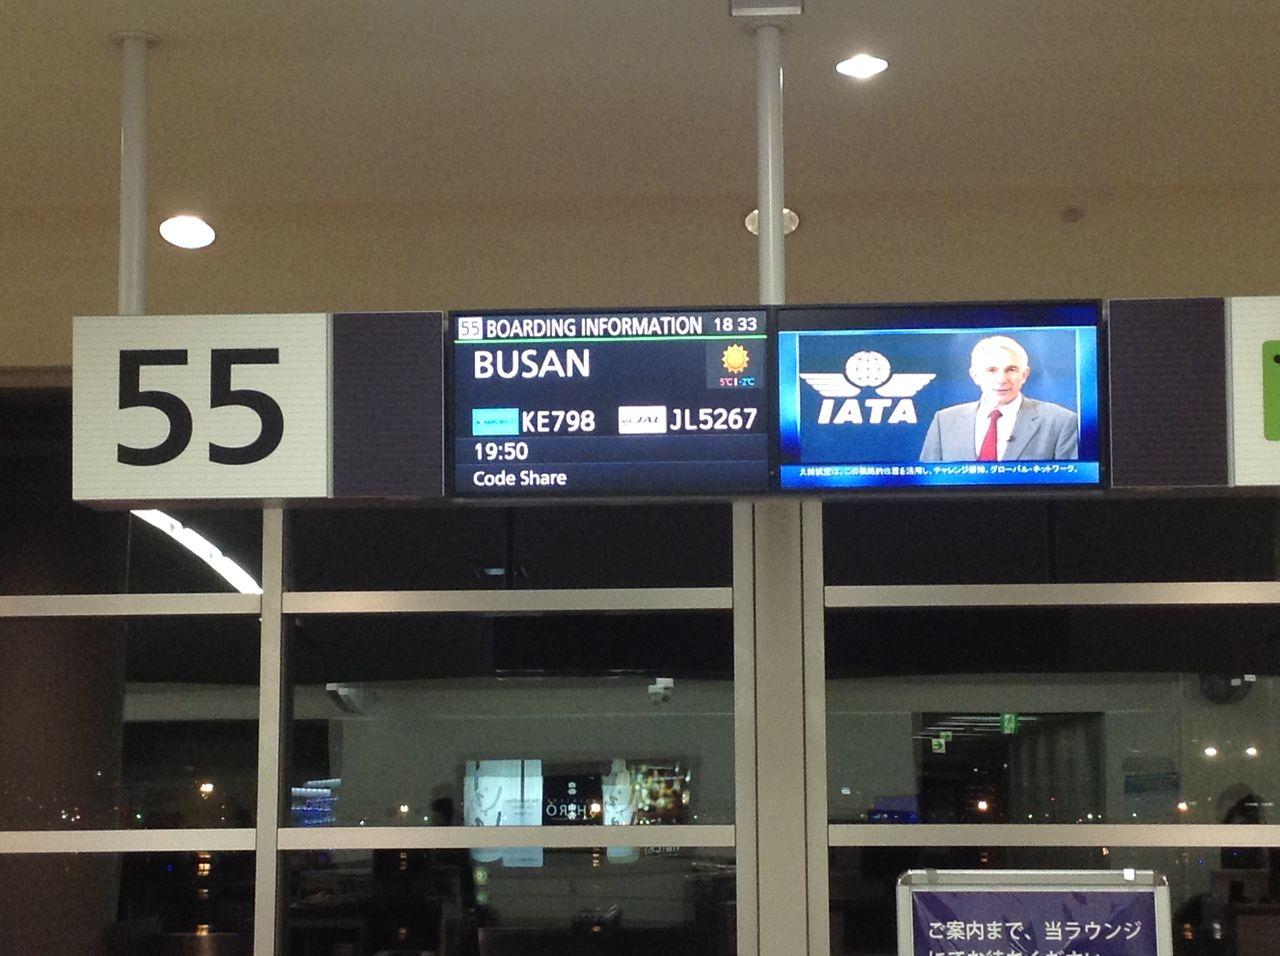 福岡空港なう~~